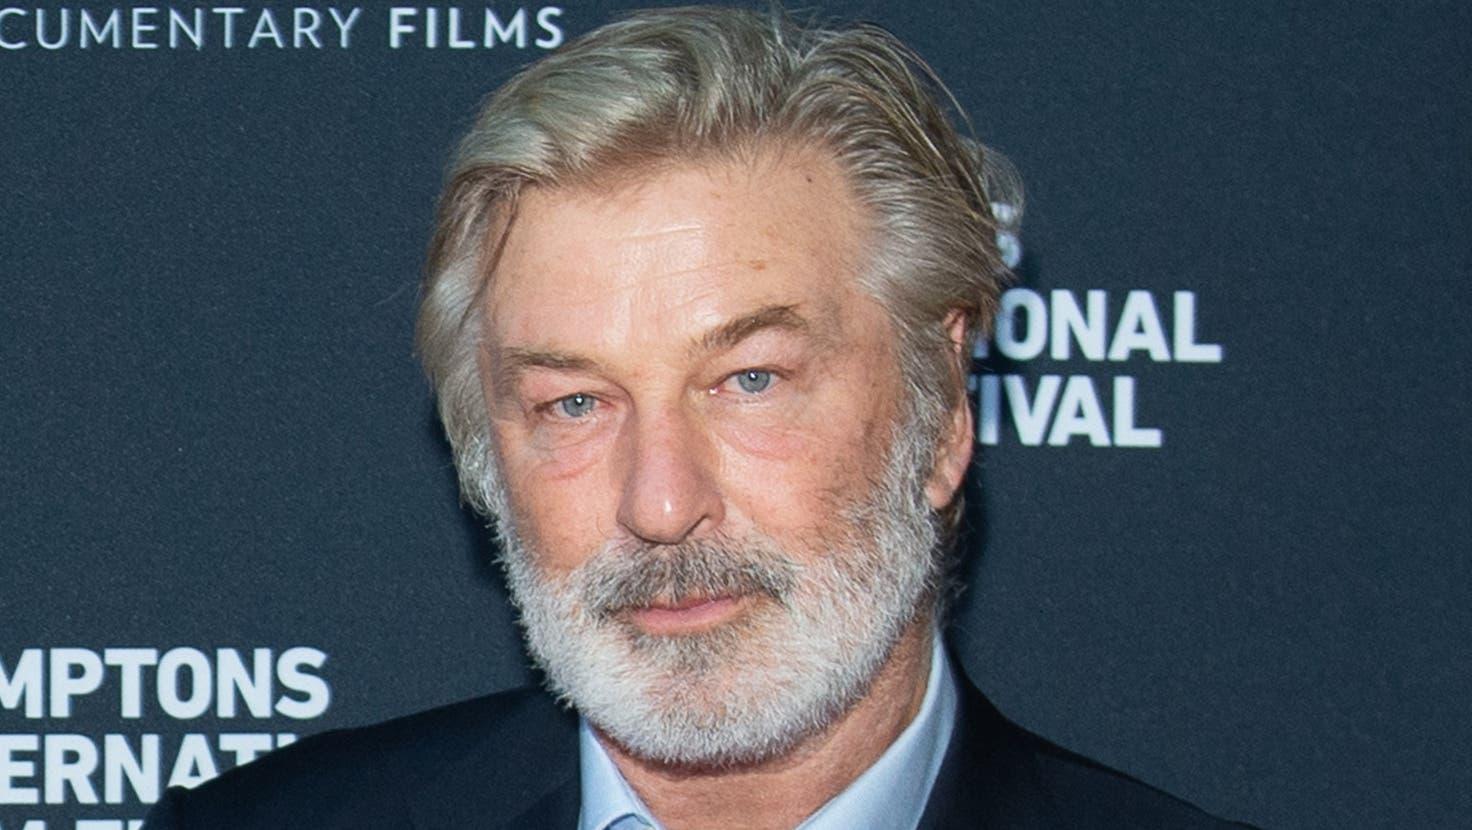 Hat er etwas falsch gemacht? Alec Baldwin, 63, Schauspieler und Produzent. (Bild: Mark Sagliocco / Getty Images)